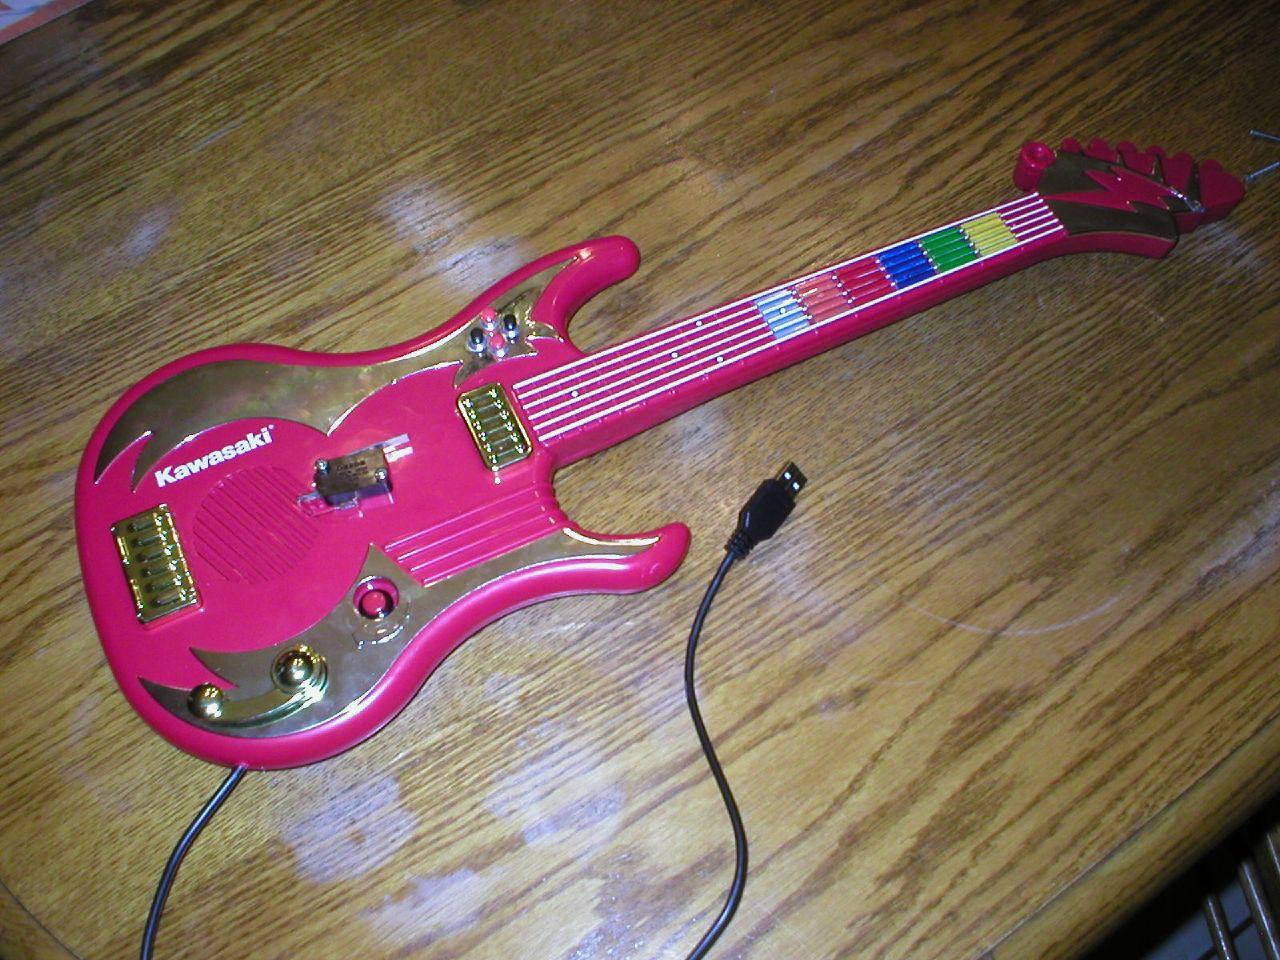 guitar hero guitar wiring diagram wiring diagrams scematic single humbucker wiring diagram guitar hero guitar wiring diagram [ 1280 x 960 Pixel ]